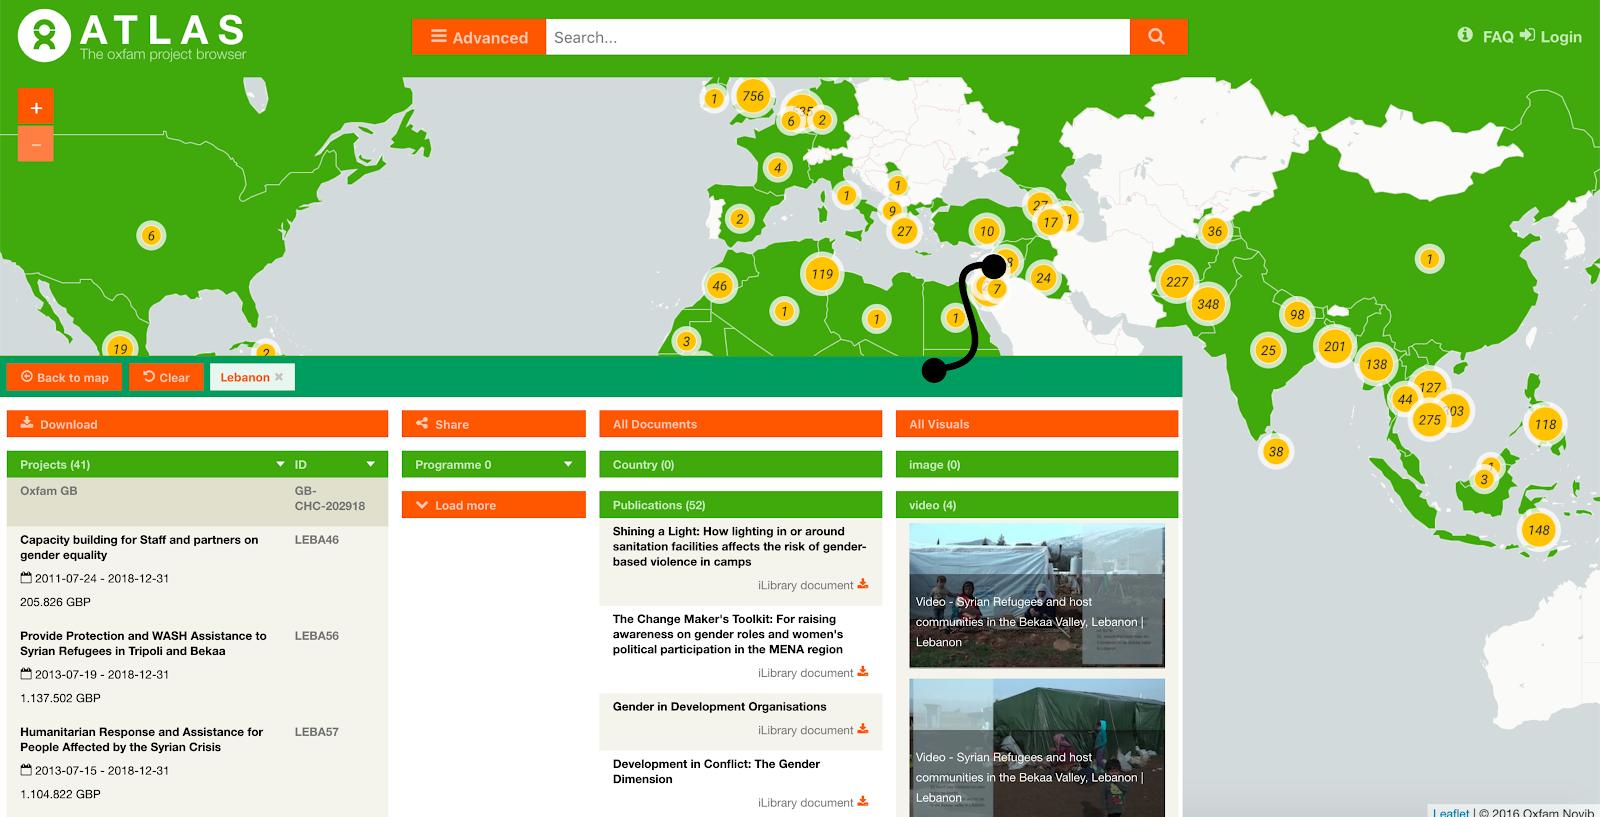 L'Atlante dei progetti di Oxfam Novib permette di scoprire dettagli (e scaricare i dati) su ogni ...